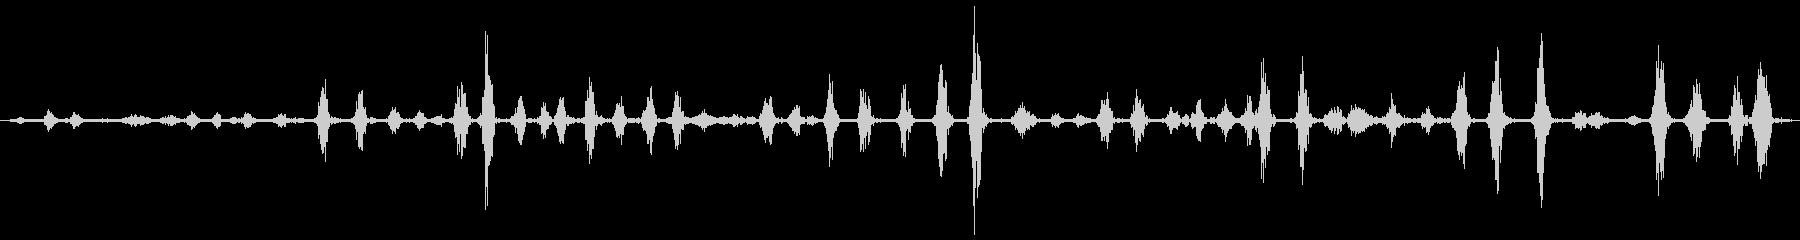 吸引-動物-人工の未再生の波形